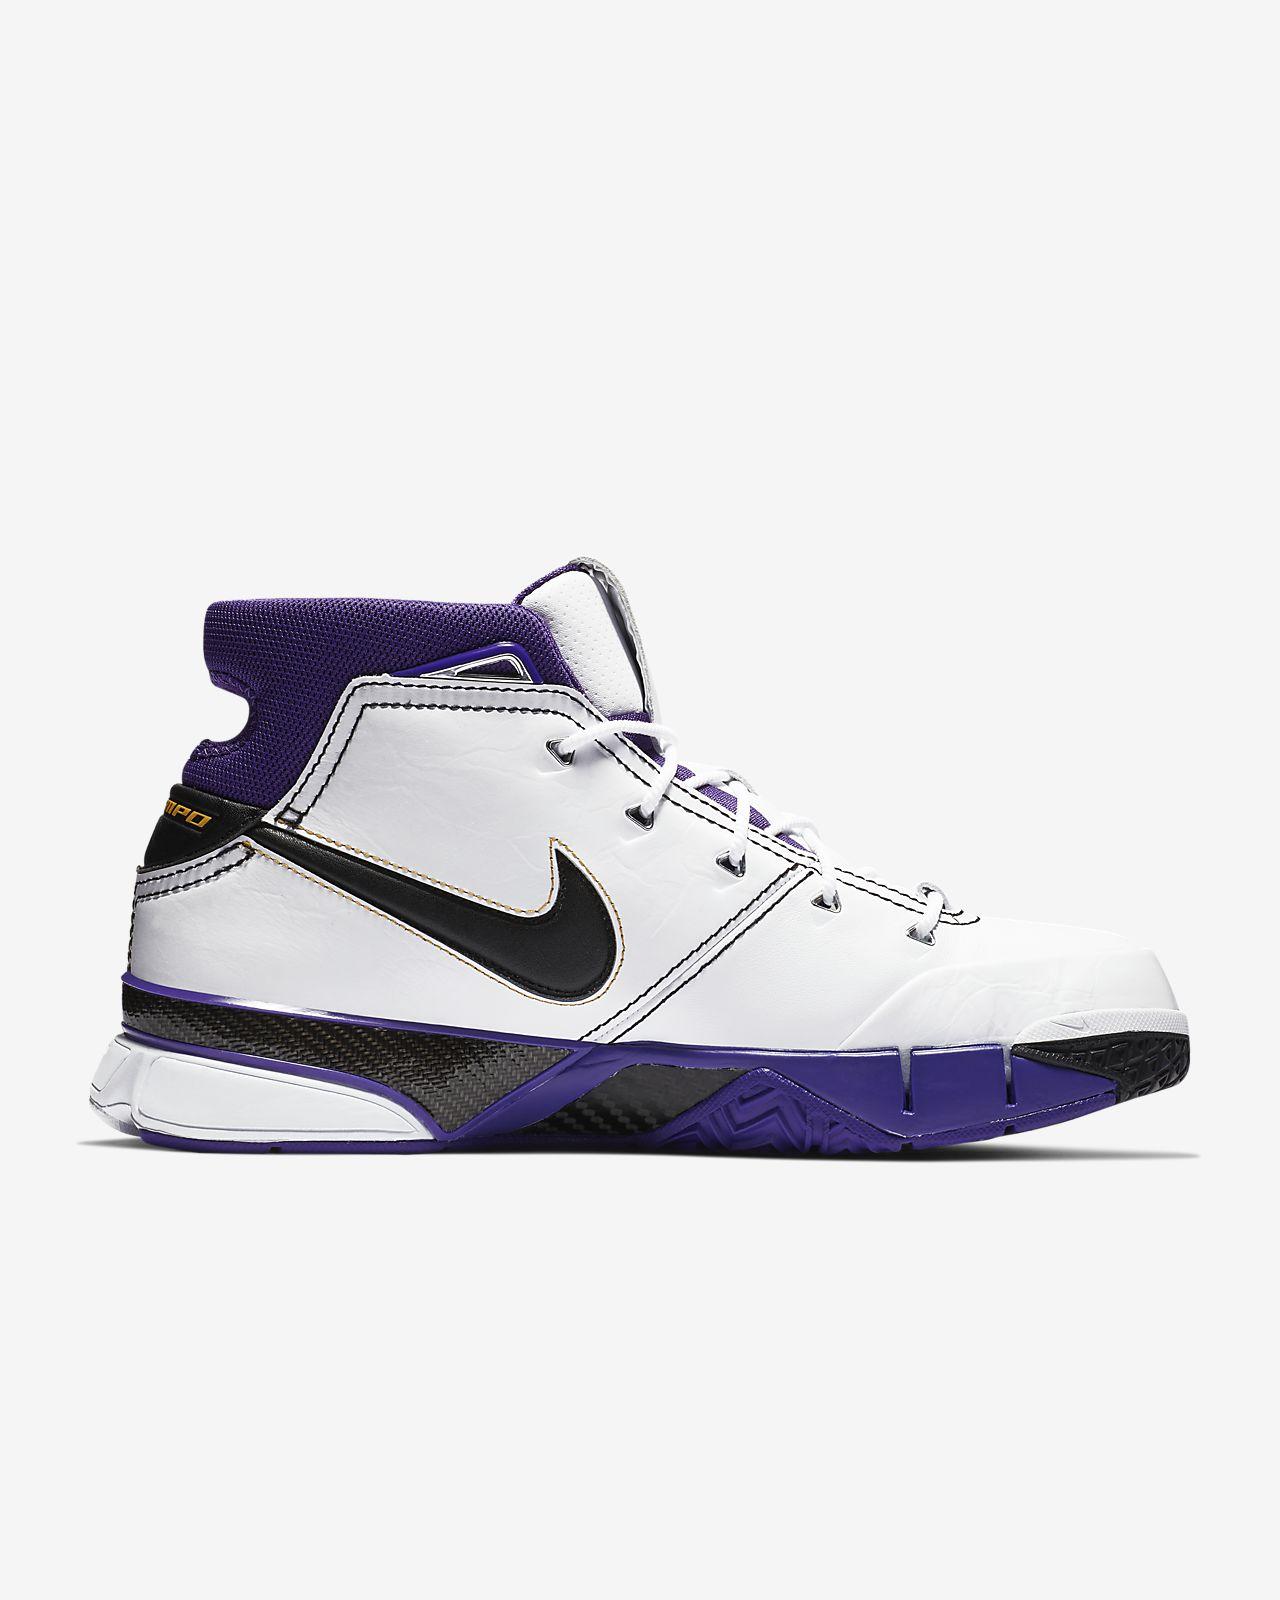 b79d12621799 Kobe 1 Protro Basketball Shoe. Nike.com ID